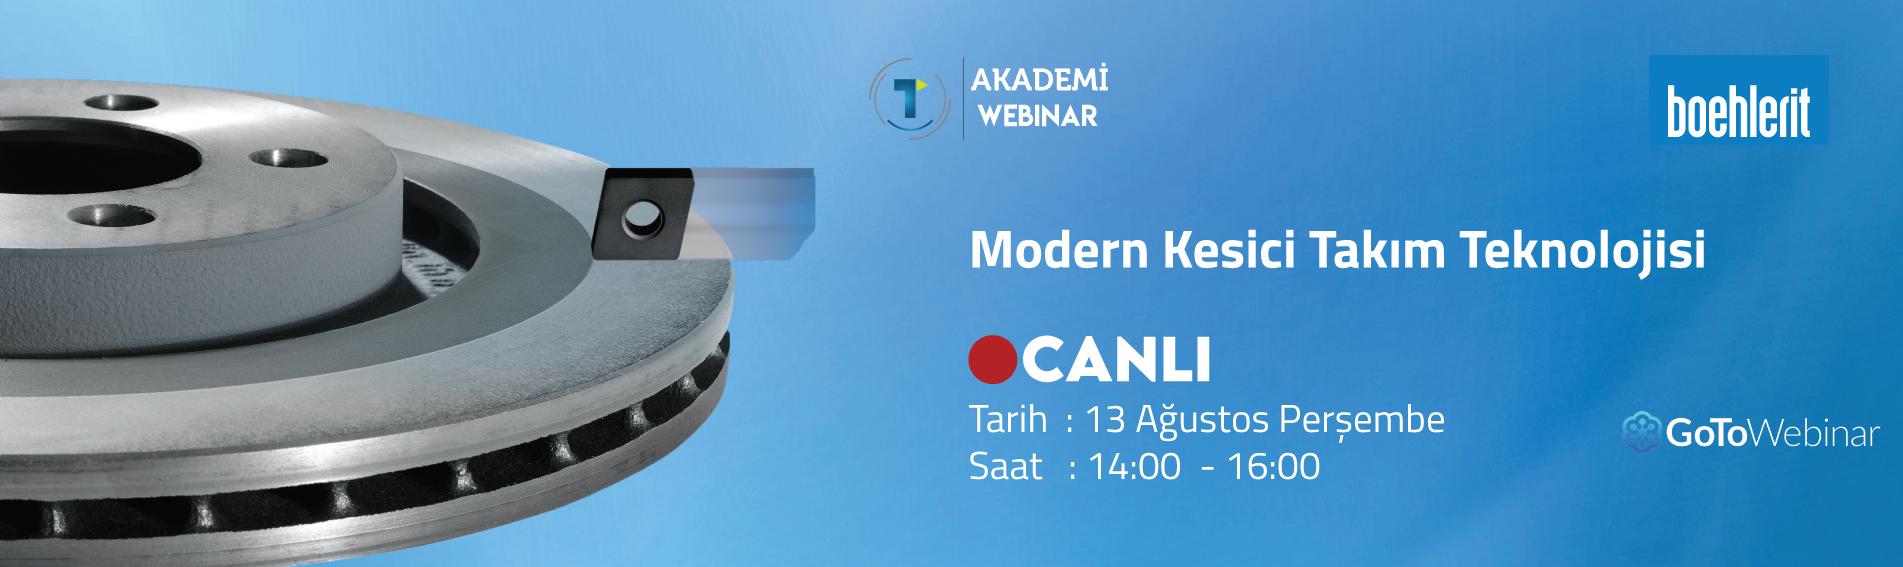 Modern Kesici Takım Teknolojisi 13 Ağustos